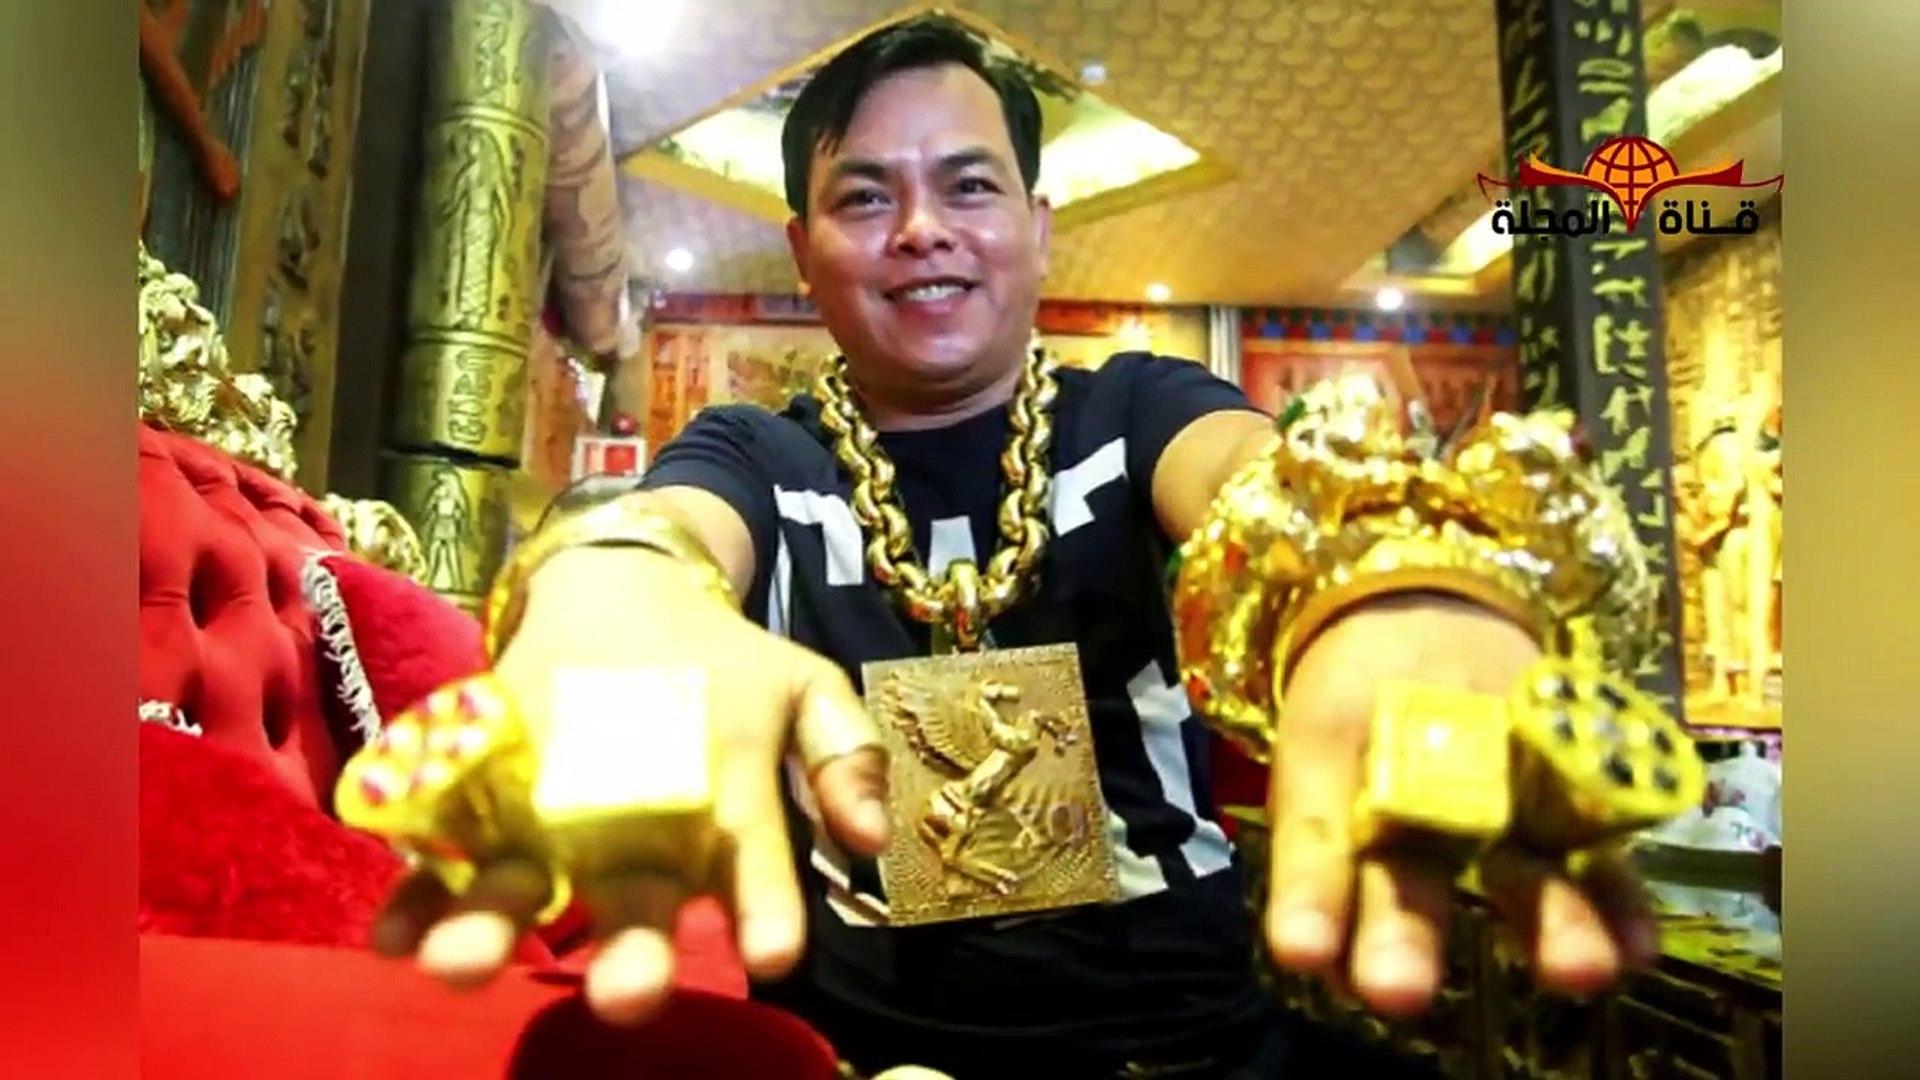 هل تعلم ماذا يصنع الذهب في جسم الرجال اذا لم ينتبه له؟ في هذا الفيديو كل ما يتعلق بالذهب